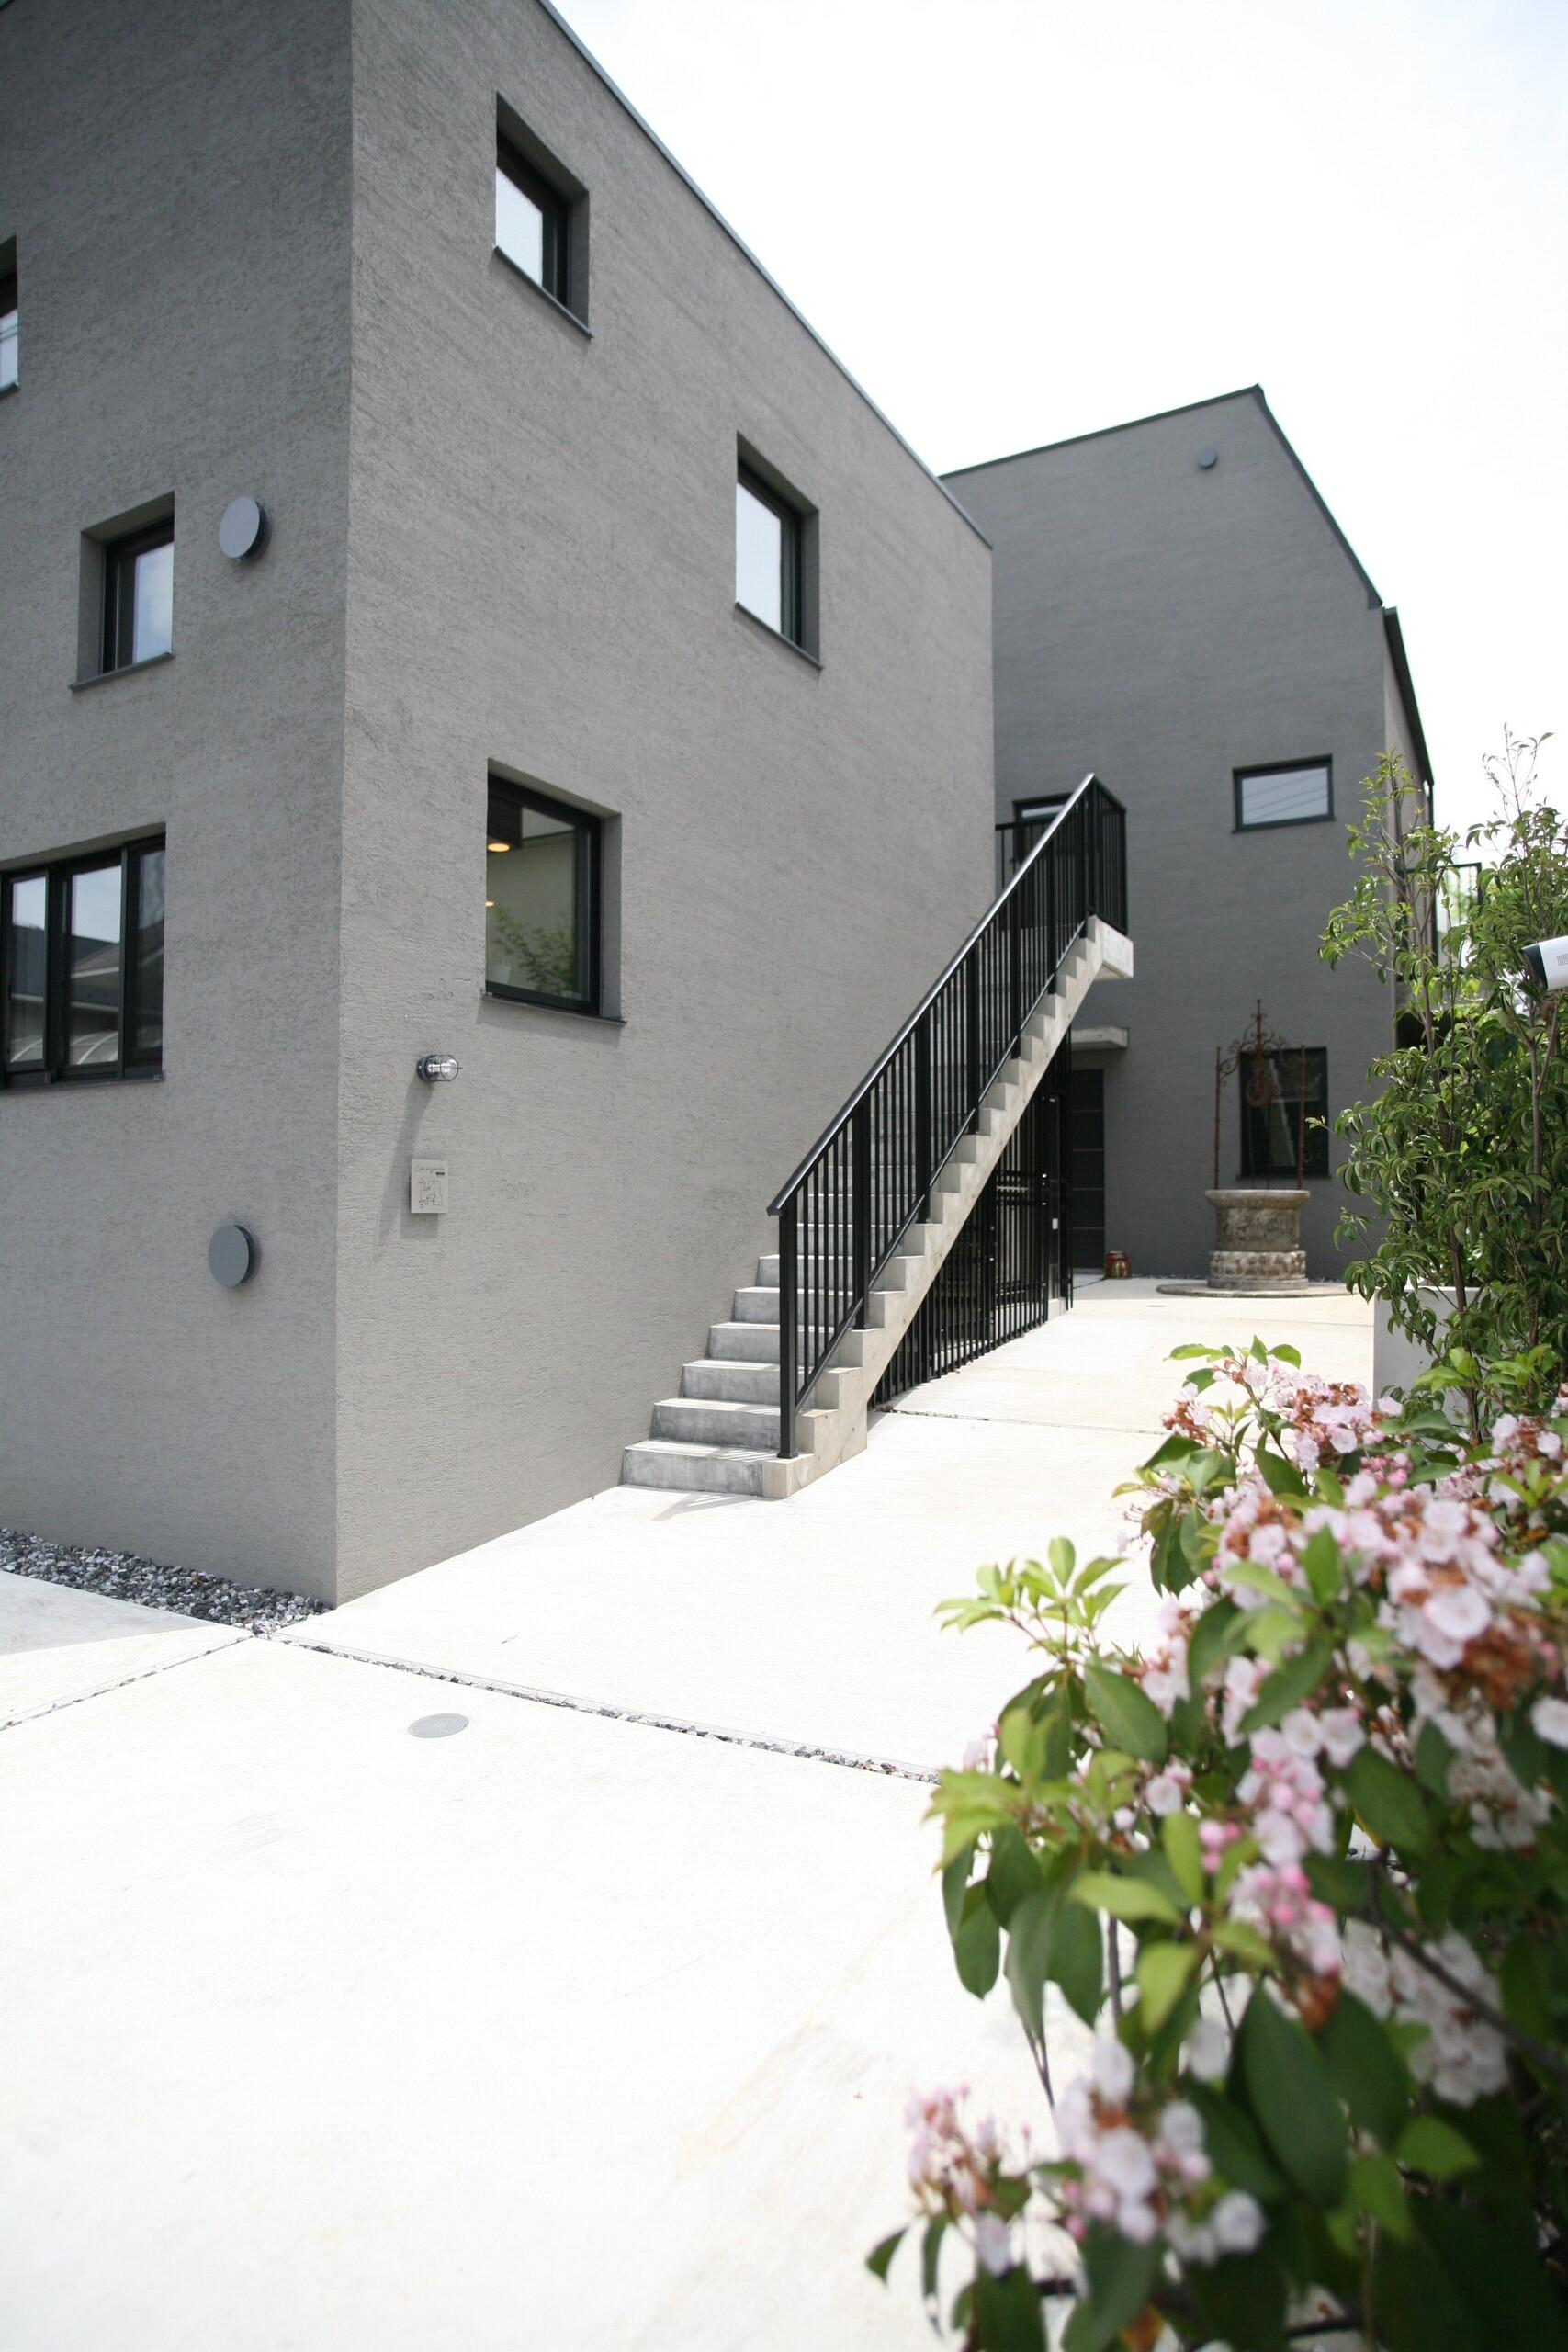 レシポルト 6戸の注文住宅の建築事例写真